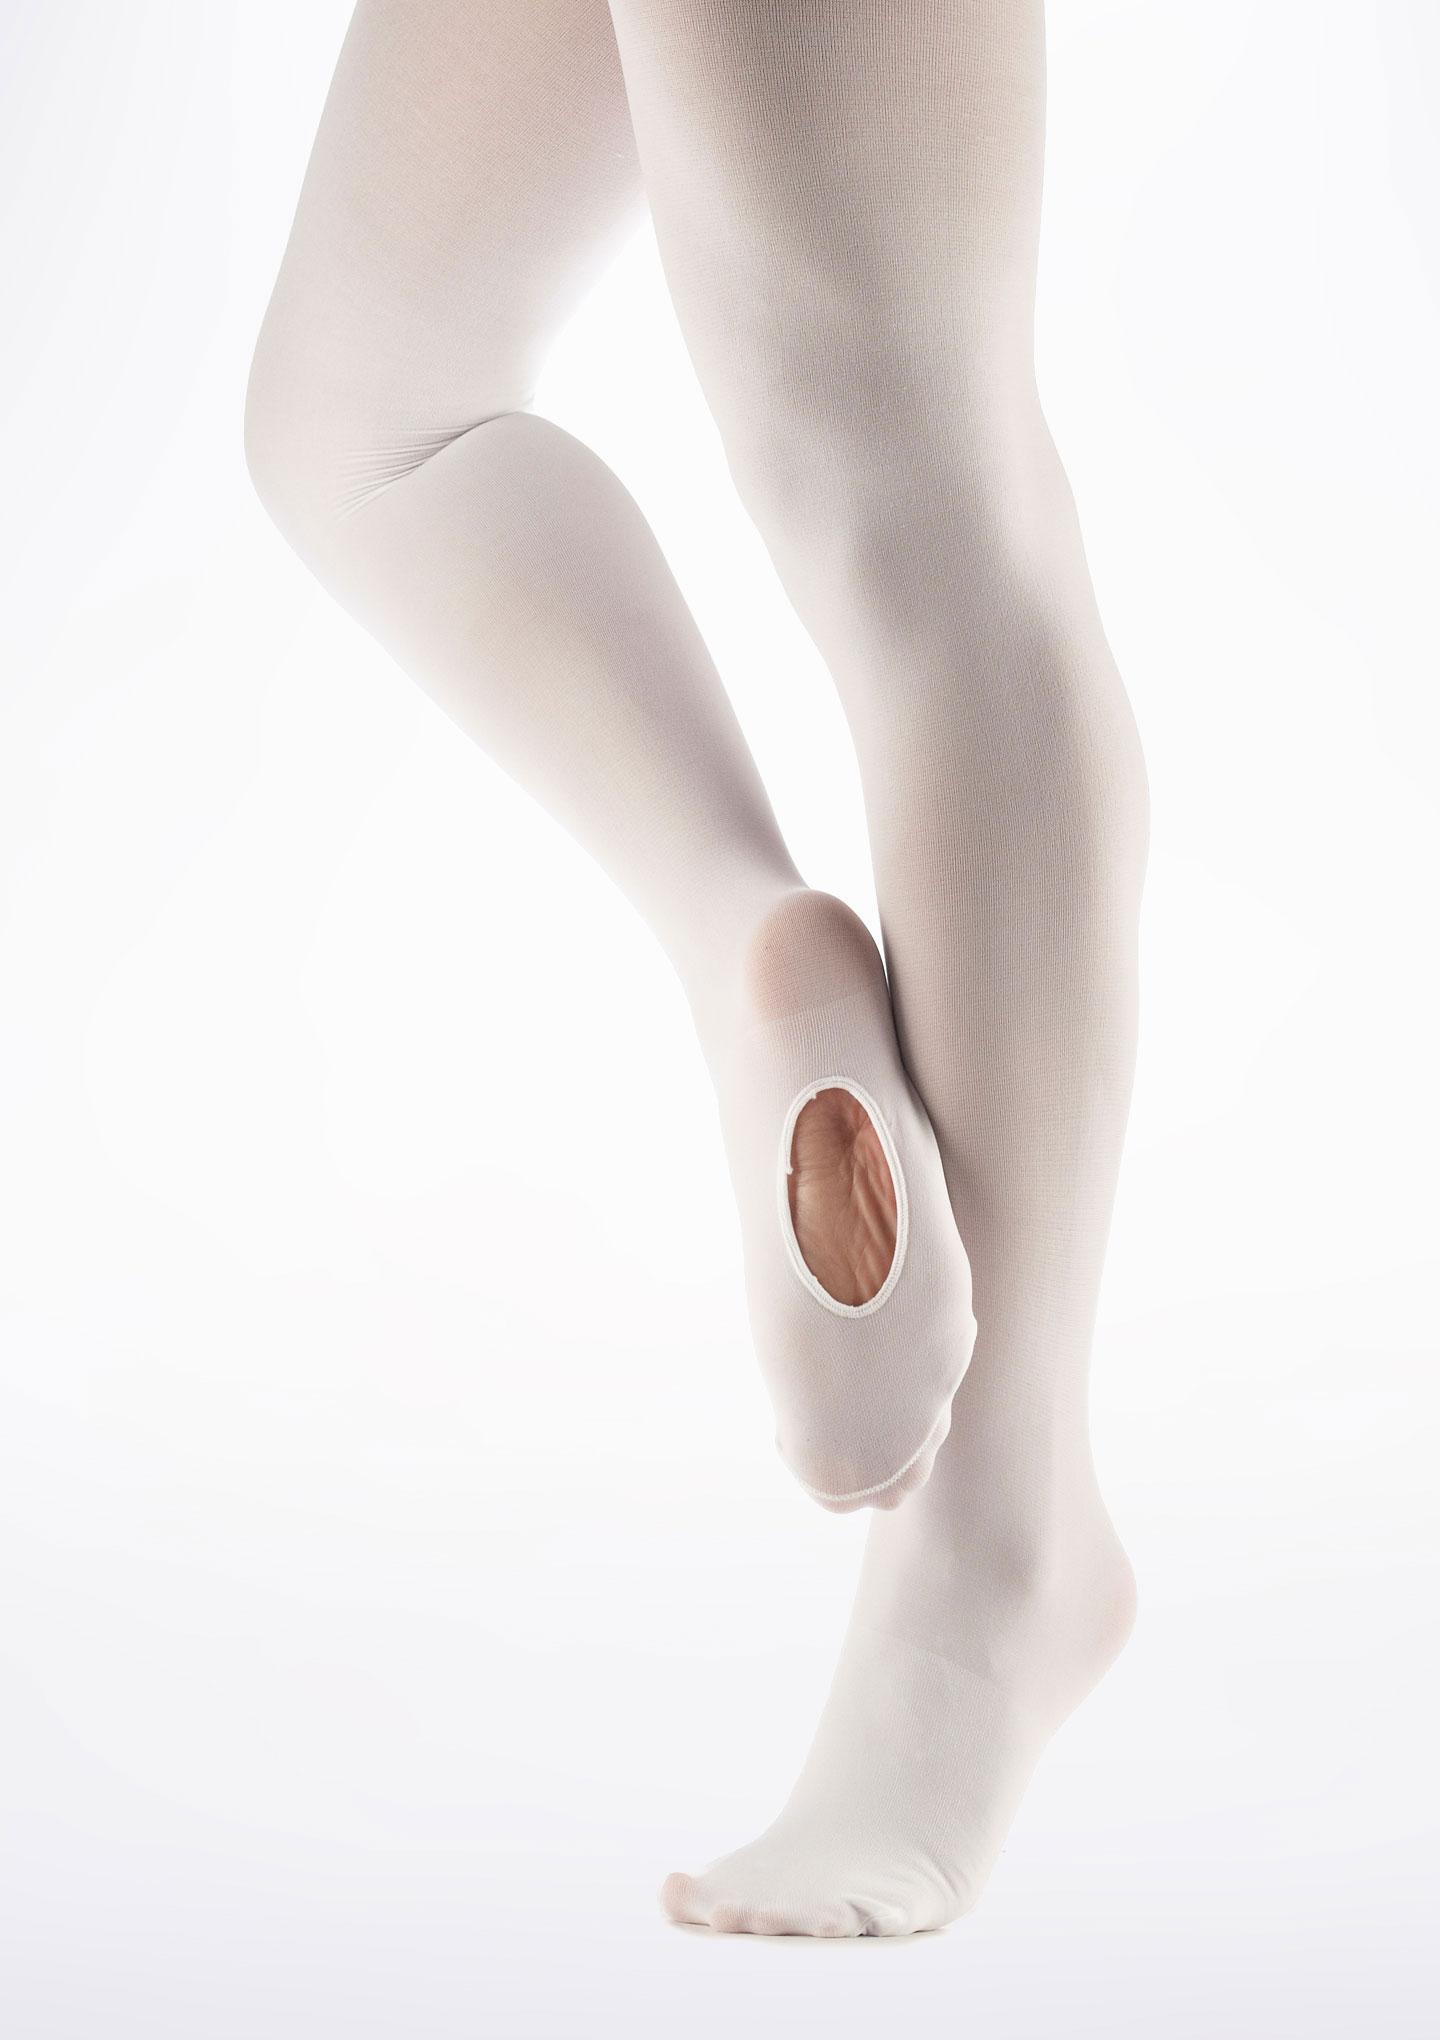 Move Medias de ballet convertibles Blanco imagen principal. [Blanco]